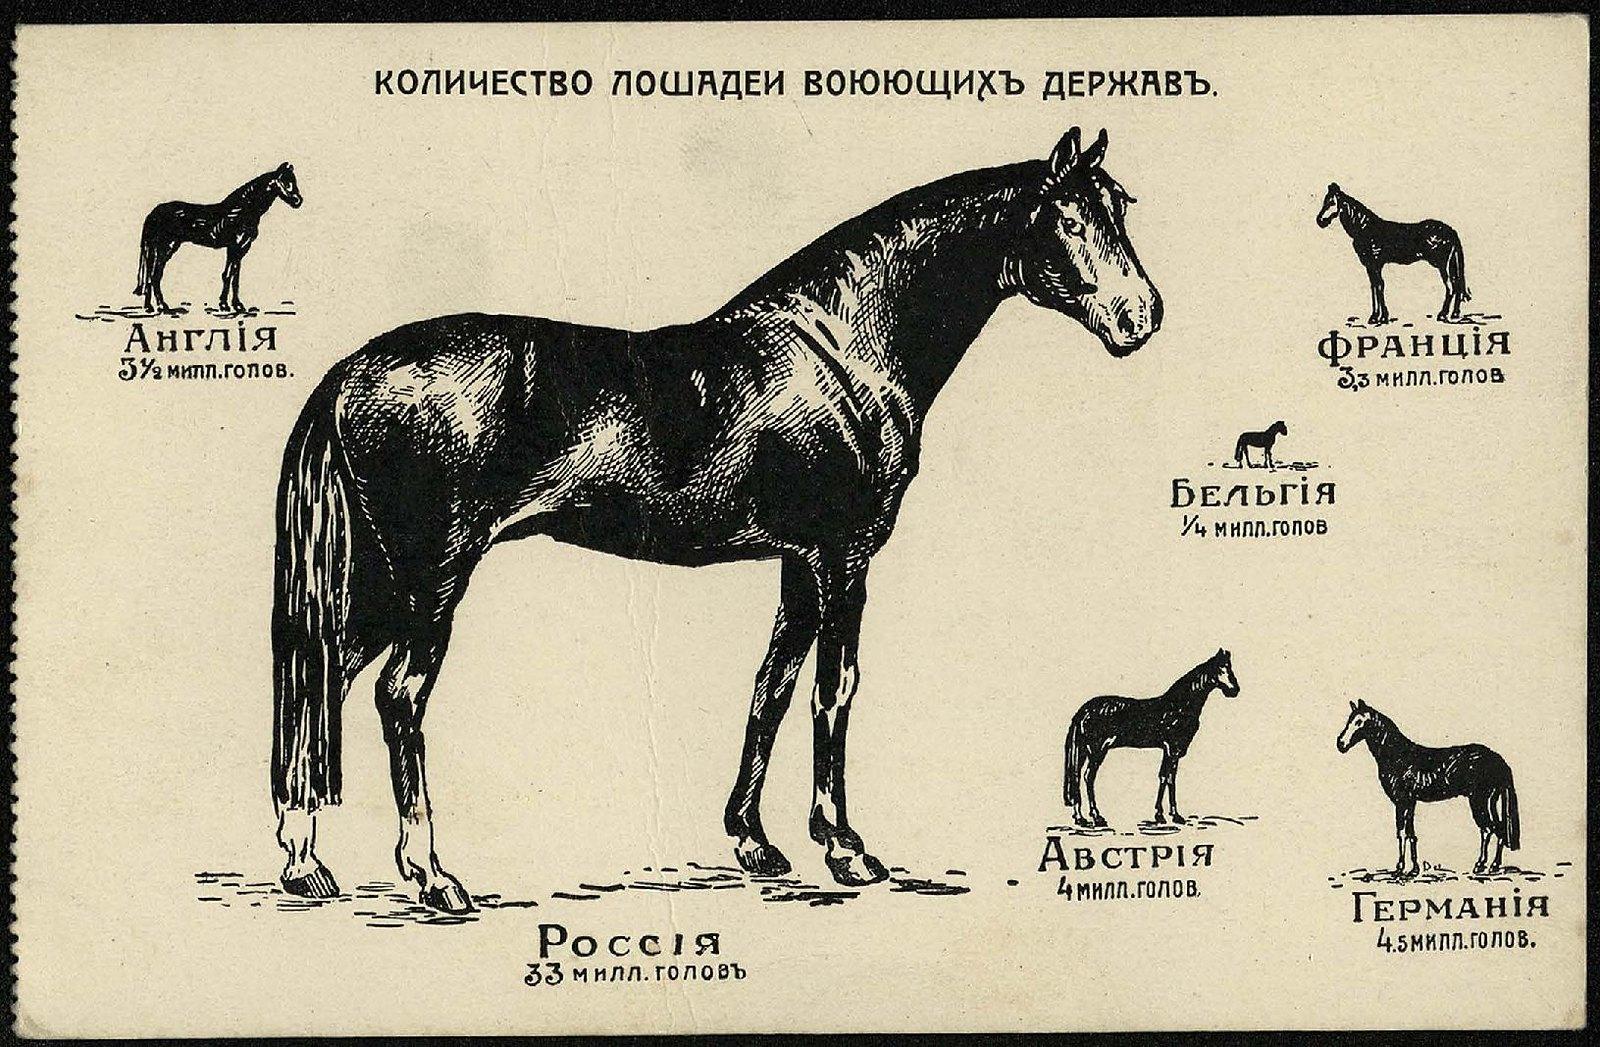 1914. Количество лошадей воюющих держав